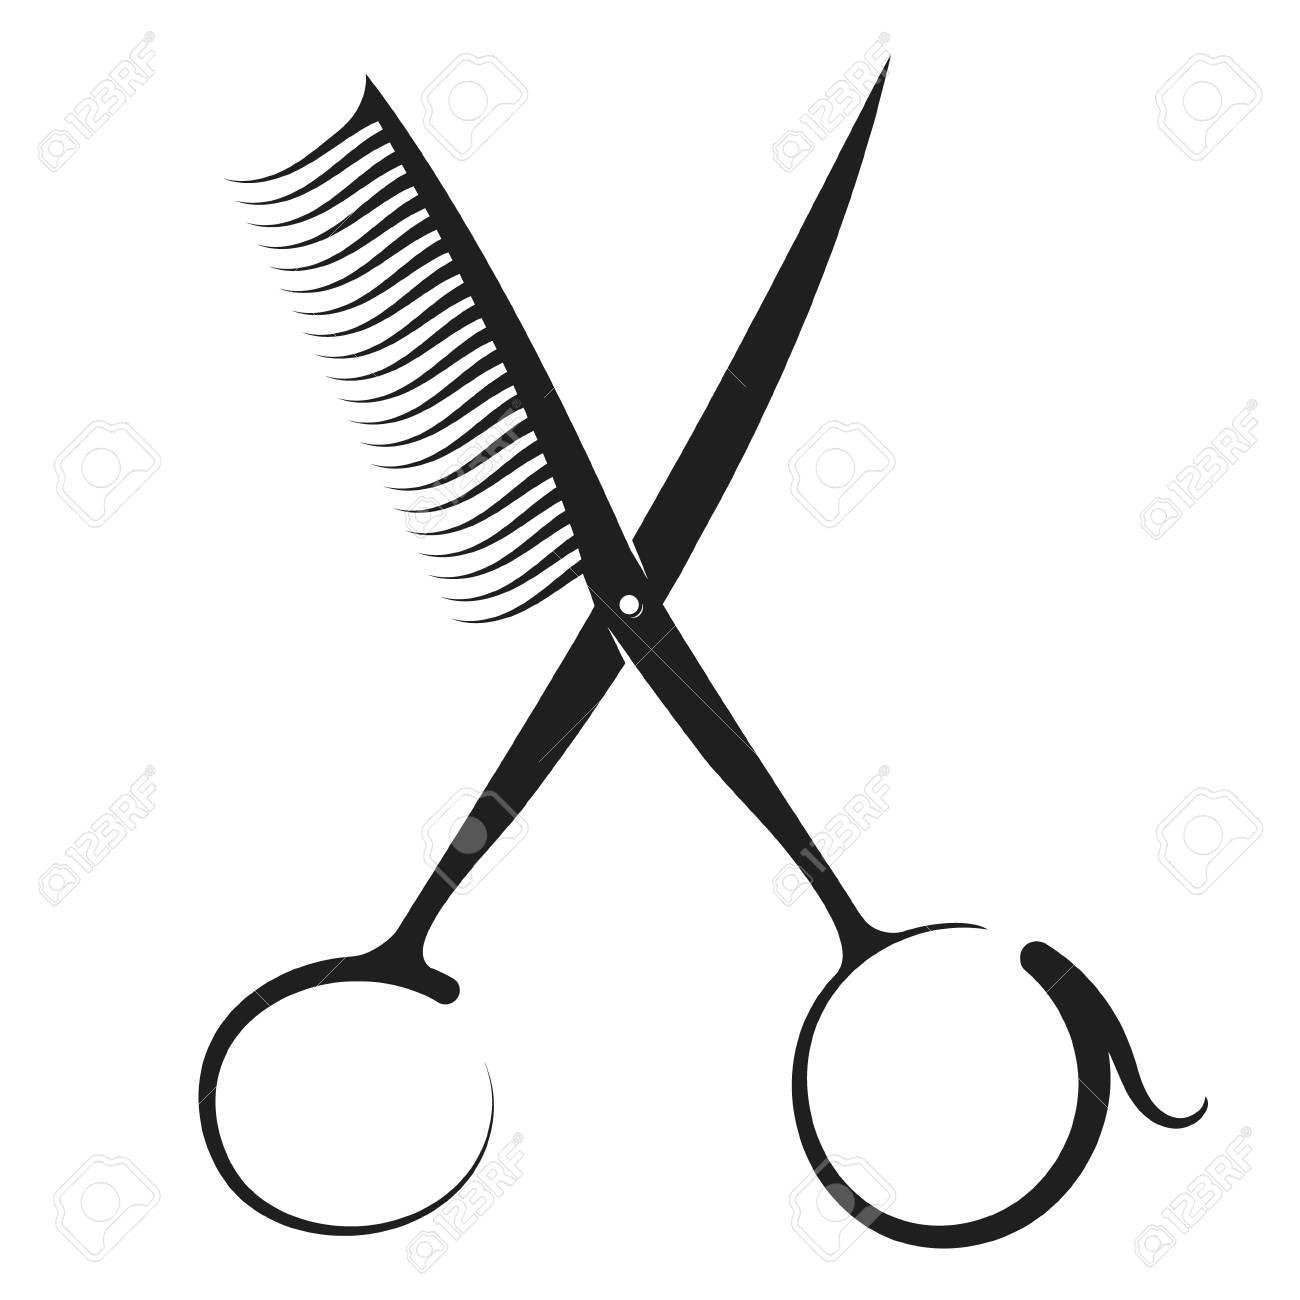 f571aaaca3792 Foto de archivo - Silueta de tijeras y peine para peluquería y salón de  belleza